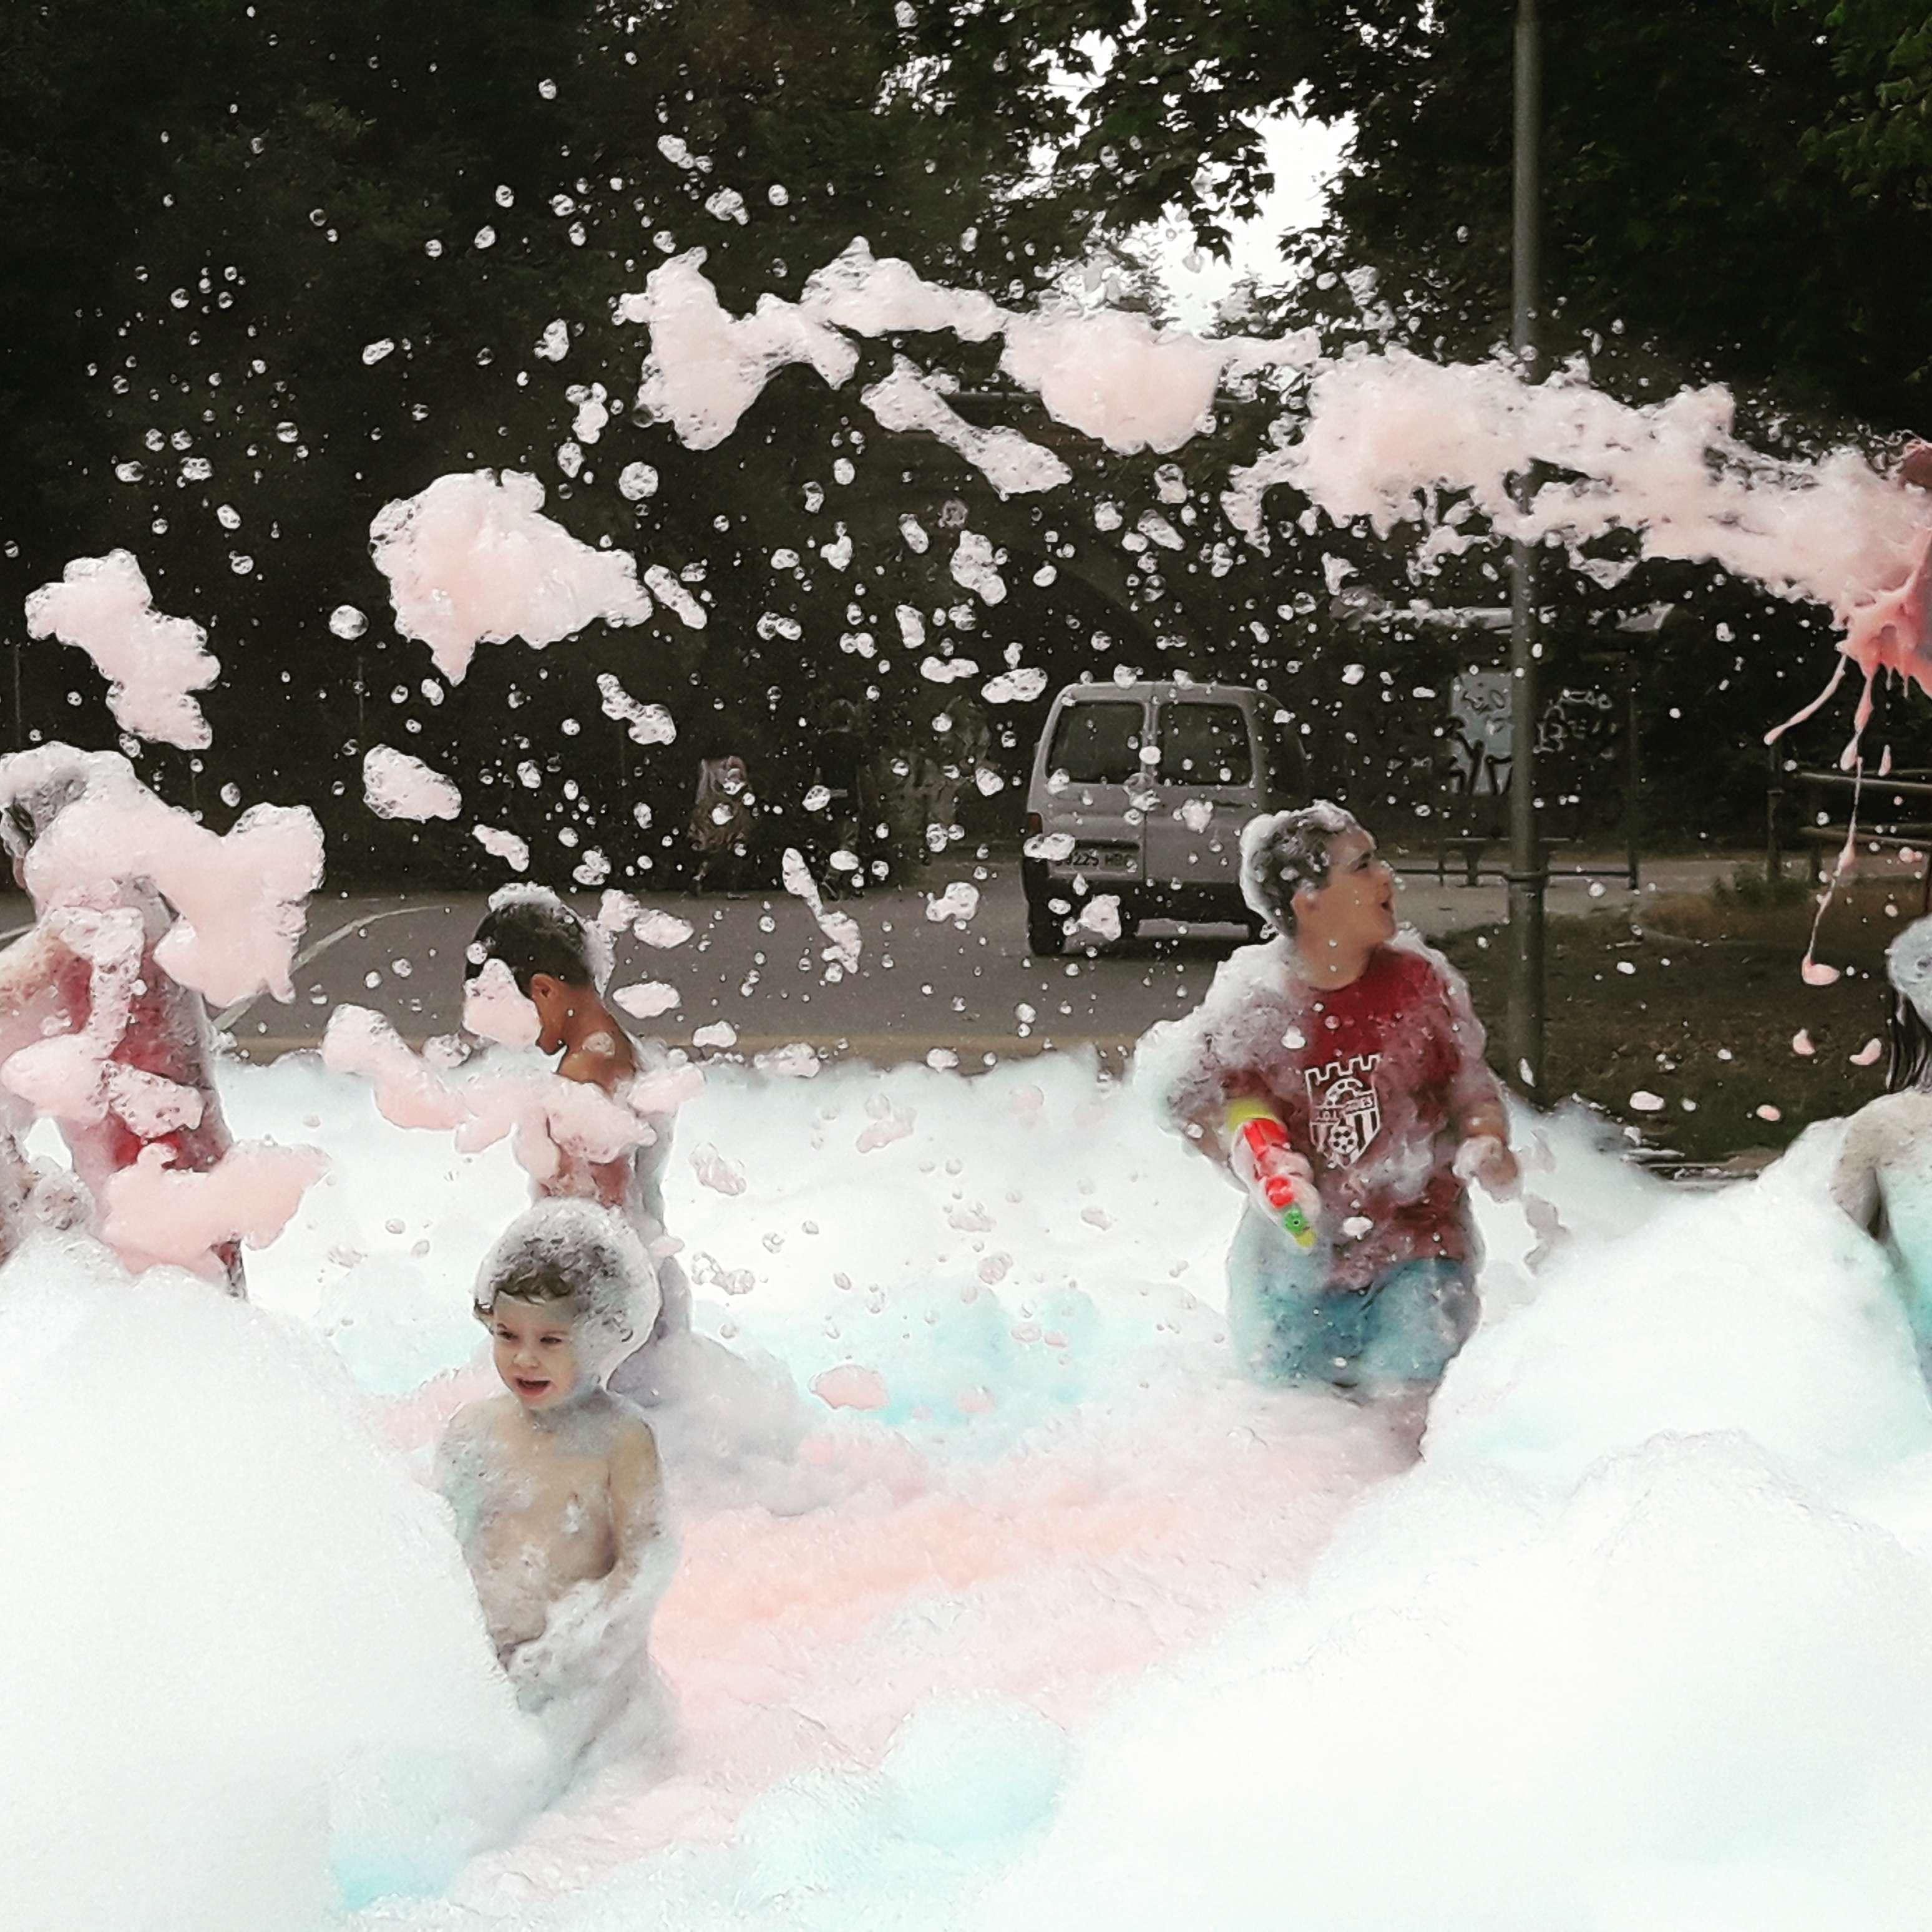 escuma per festes infantils